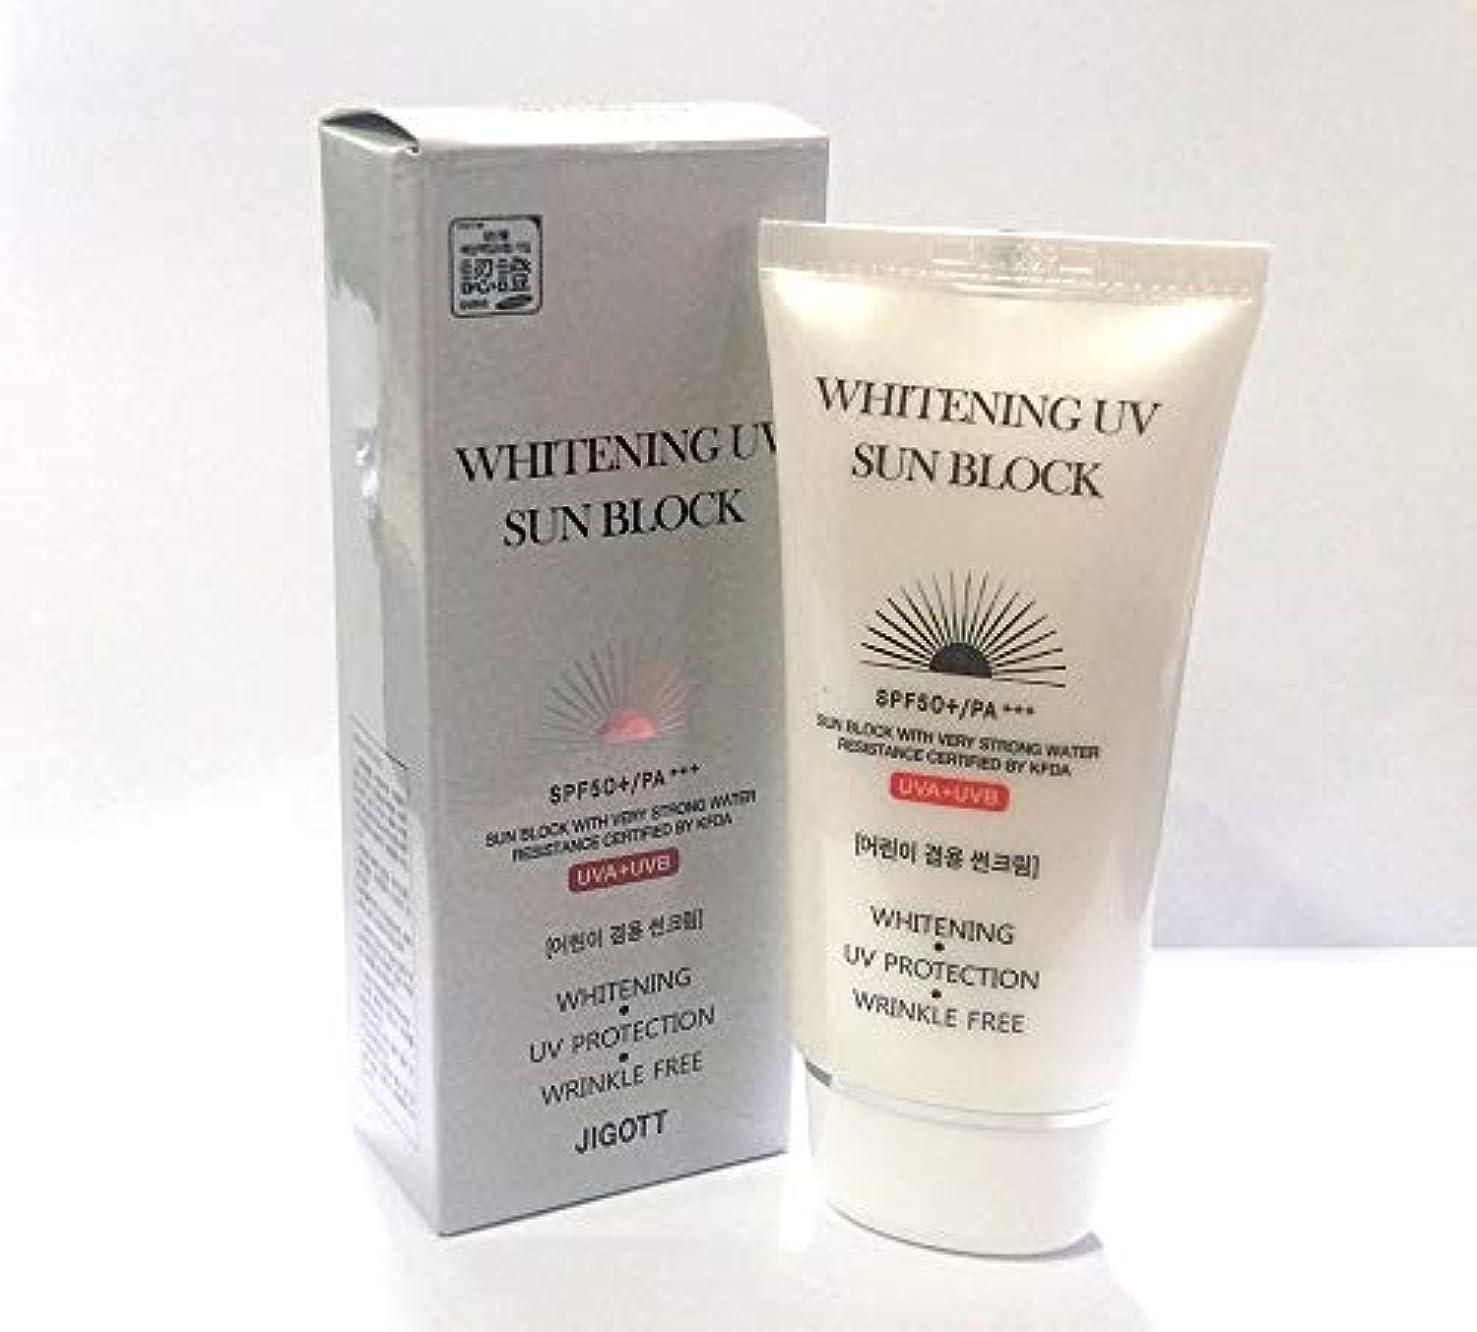 アジア人アデレード前[JIGOTT] ホワイトニングUVプロテクトサンブロッククリームSPF50 + PA +++ / Whitening UV Protection Sun Block Cream SPF50+ PA +++ / 韓国化粧品/Korean Cosmetics (3EA) [並行輸入品]